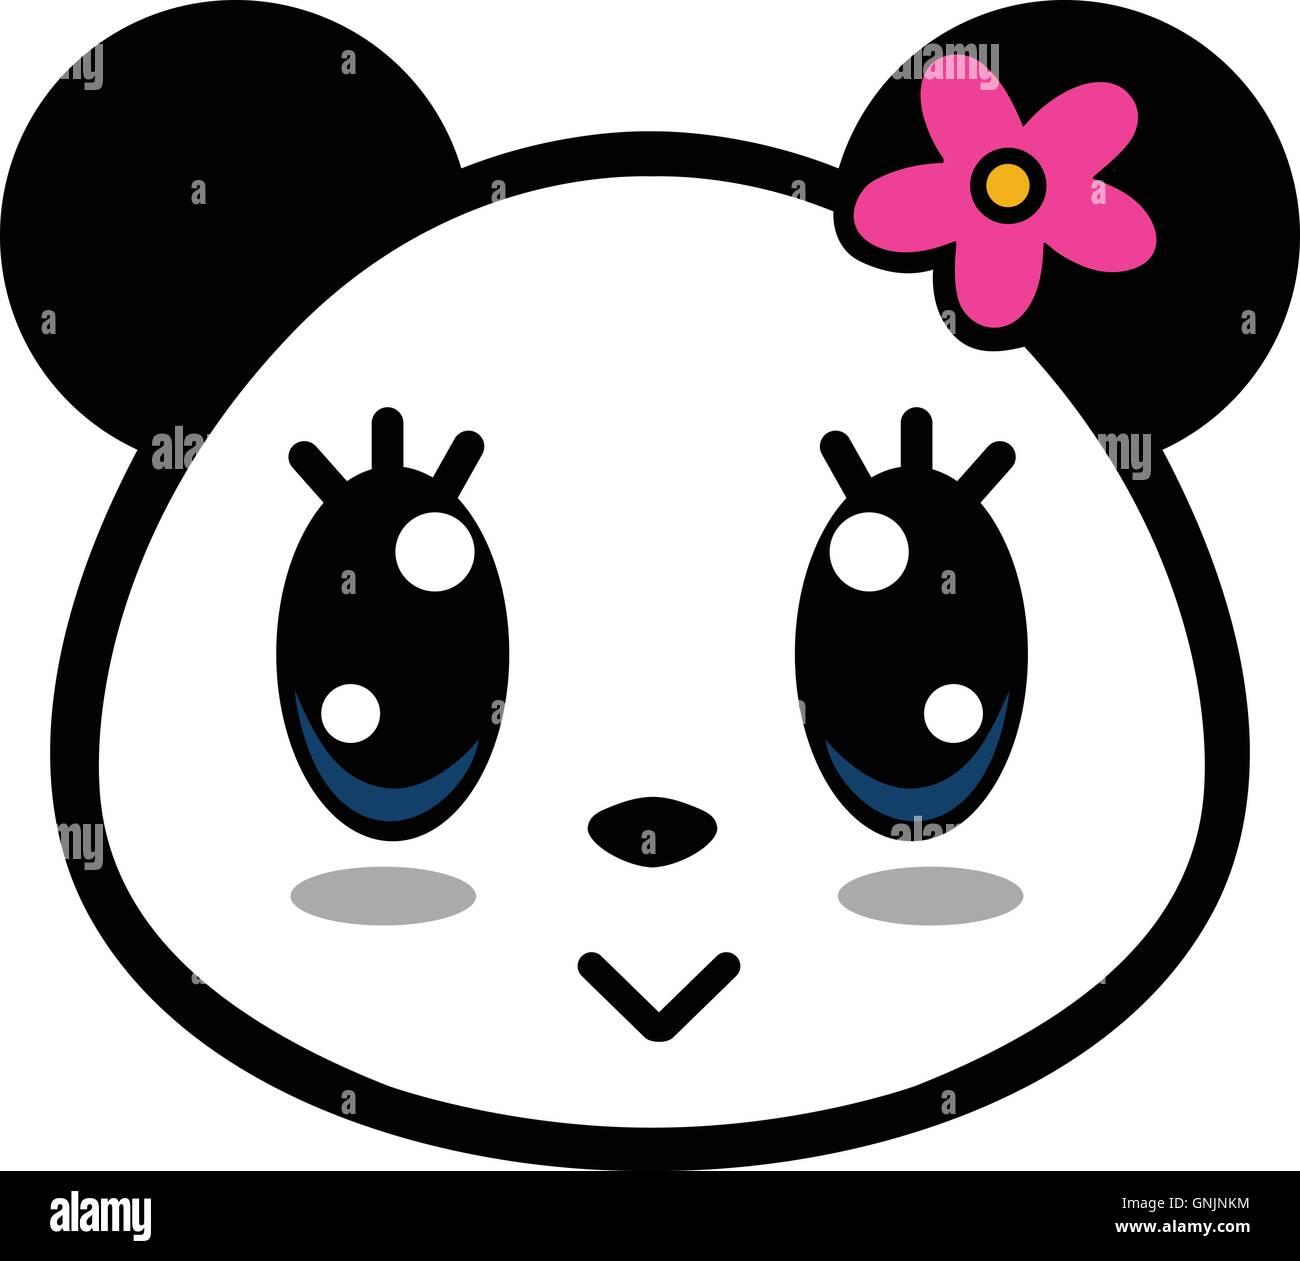 Cute Panda Girl Cartoon Stock Photos Amp Cute Panda Girl